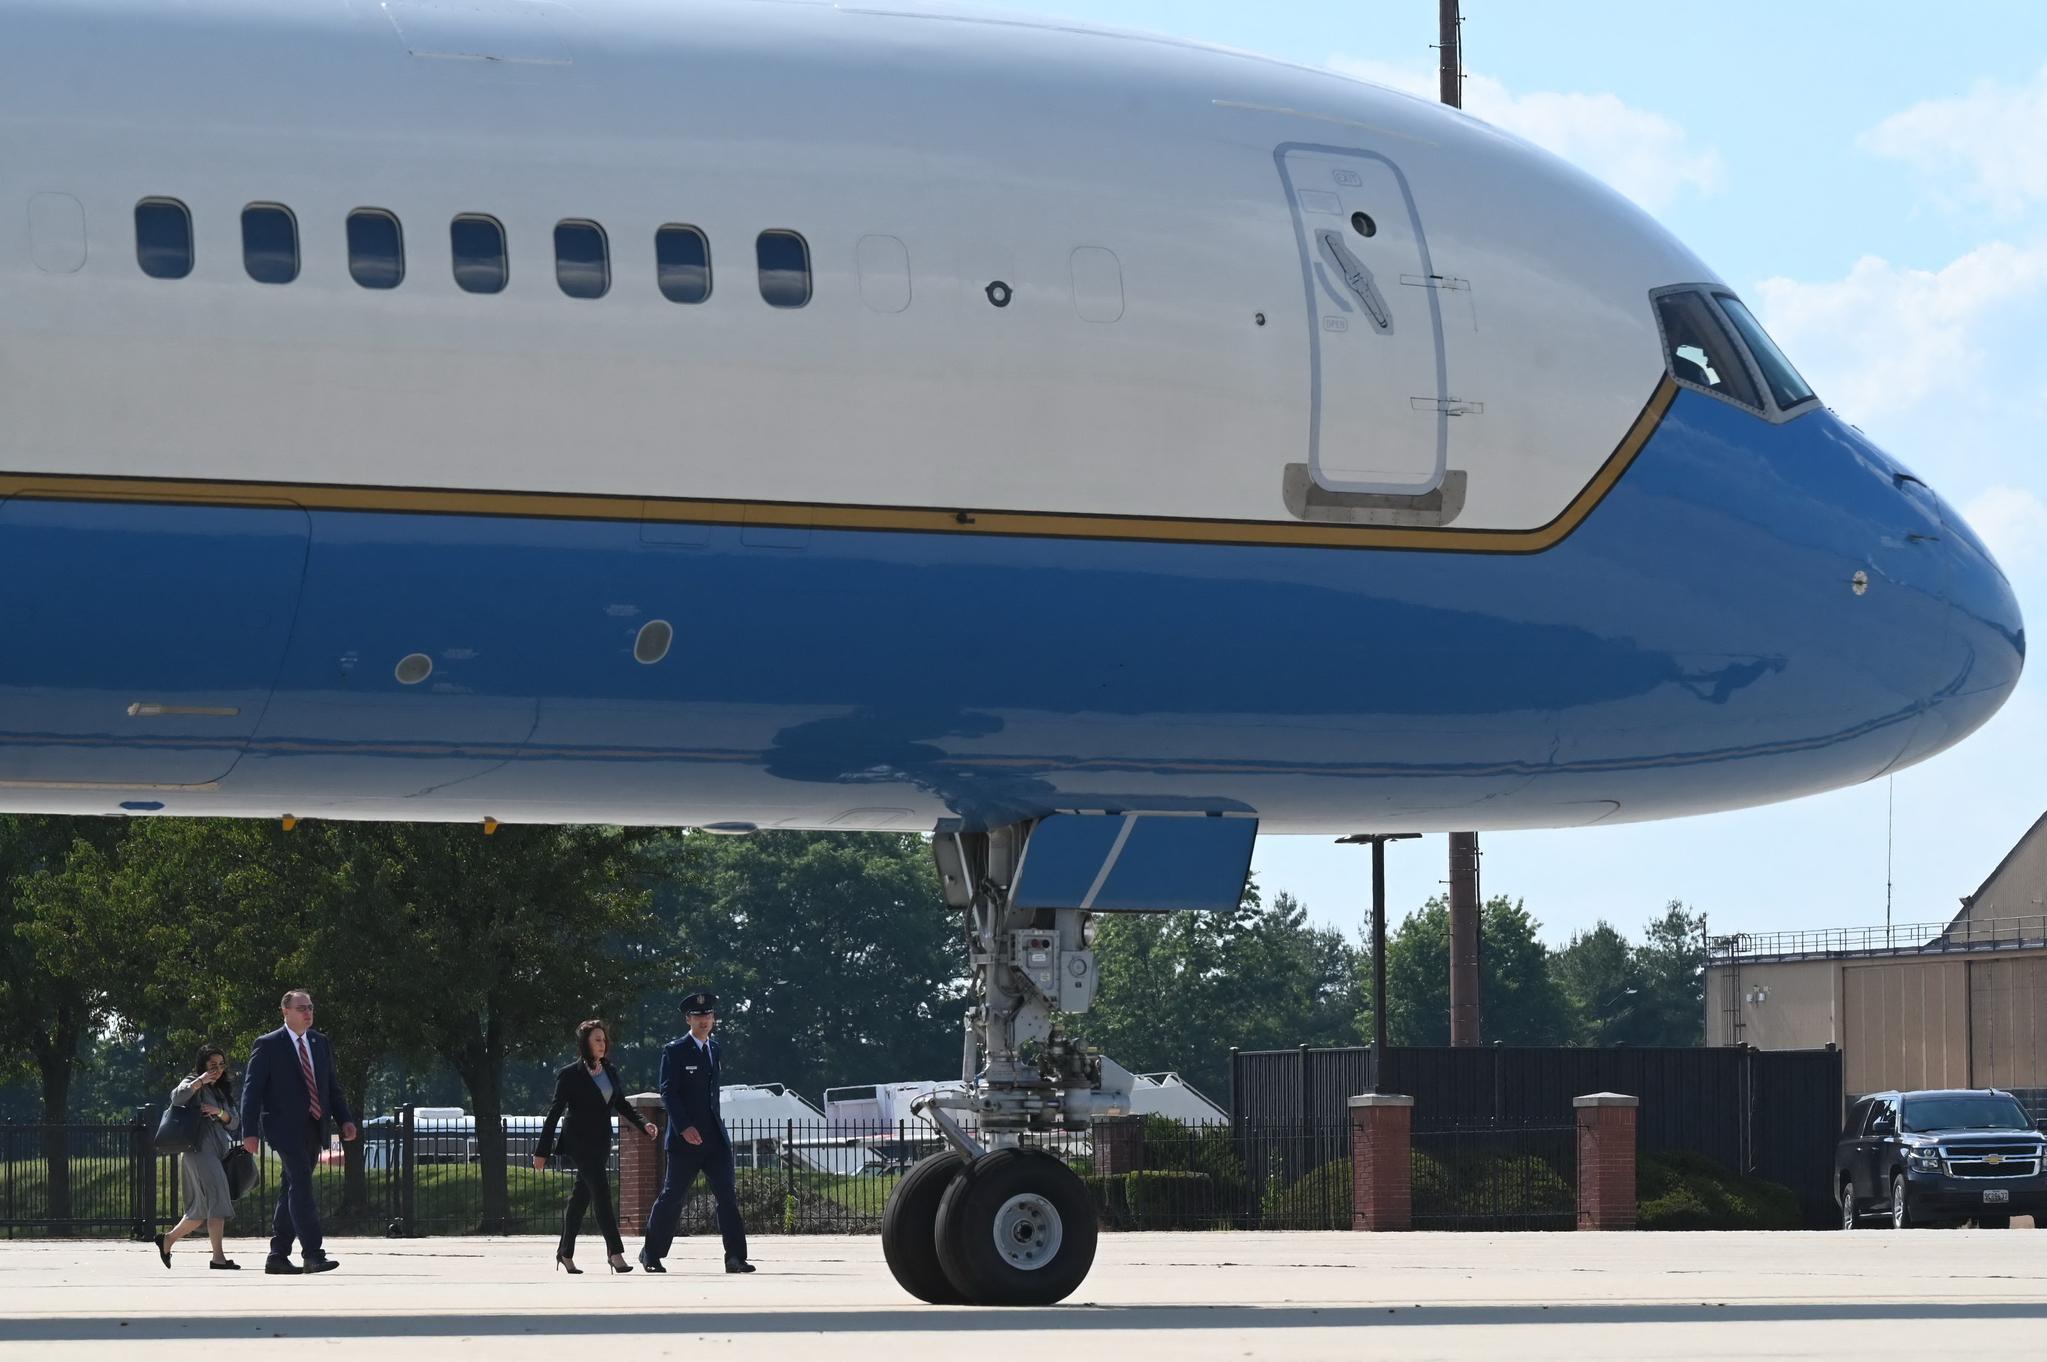 카멀라 해리스 미국 부통령이 6일(현지시각) 오후 매릴린드주 앤드루스 기지 터미널을 걸어나오고 있다. 해리스 부통령은 전용기를 타고 남미 순방에 올랐으나 전용기의 기술적인 문제로 30분만에 회항했다가 25분 뒤 비행기를 갈아타고 다시 순방에 올랐다. AFP=연합뉴스